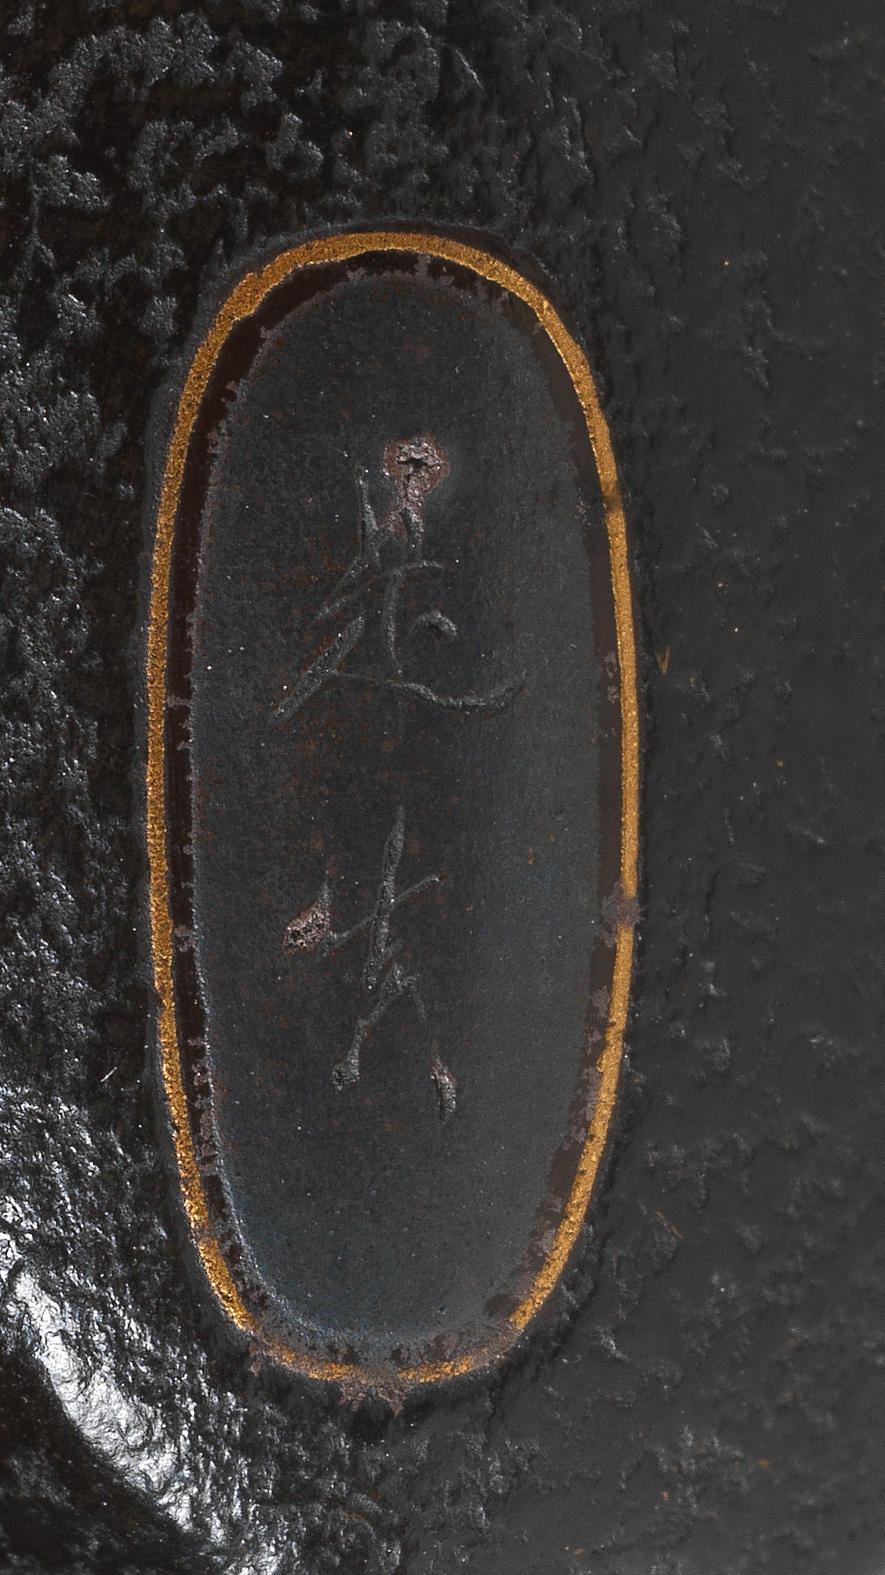 SHIBATA ZESHIN 柴田是真 (1807–1891) INRŌ WITH PLOVERS AND WAVES 青海波塗波千鳥象嵌印籠 IKEDA TAISHIN 池田泰真 (1825–1903) BOX NETSUKE WITH SHELLS 海松貝殻蒔絵箱根付 Meiji era (1868–1912), circa 1870–1890